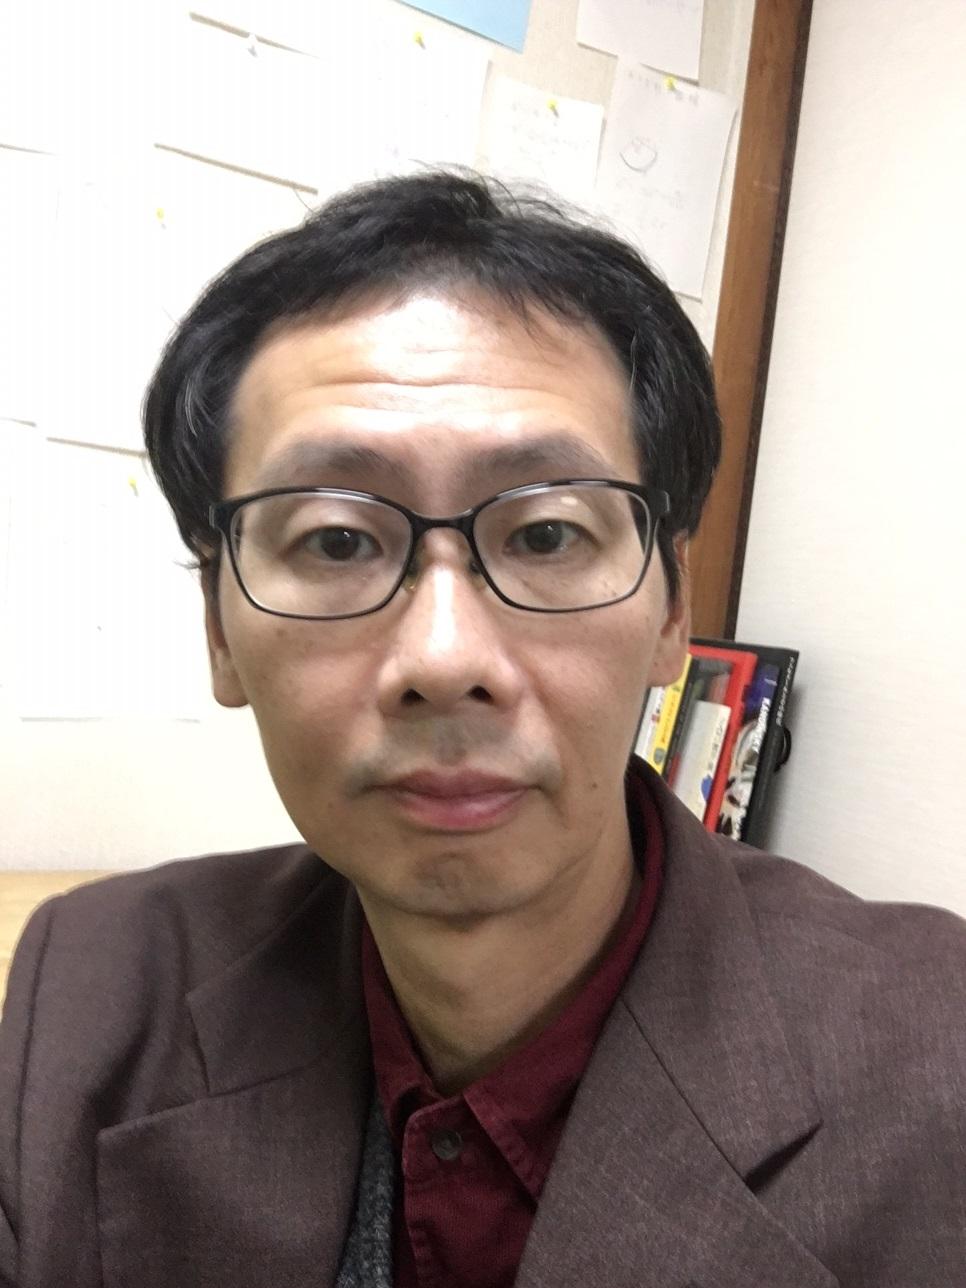 塾長インタビューその2・・・日本で二番目の「授業をしない塾」